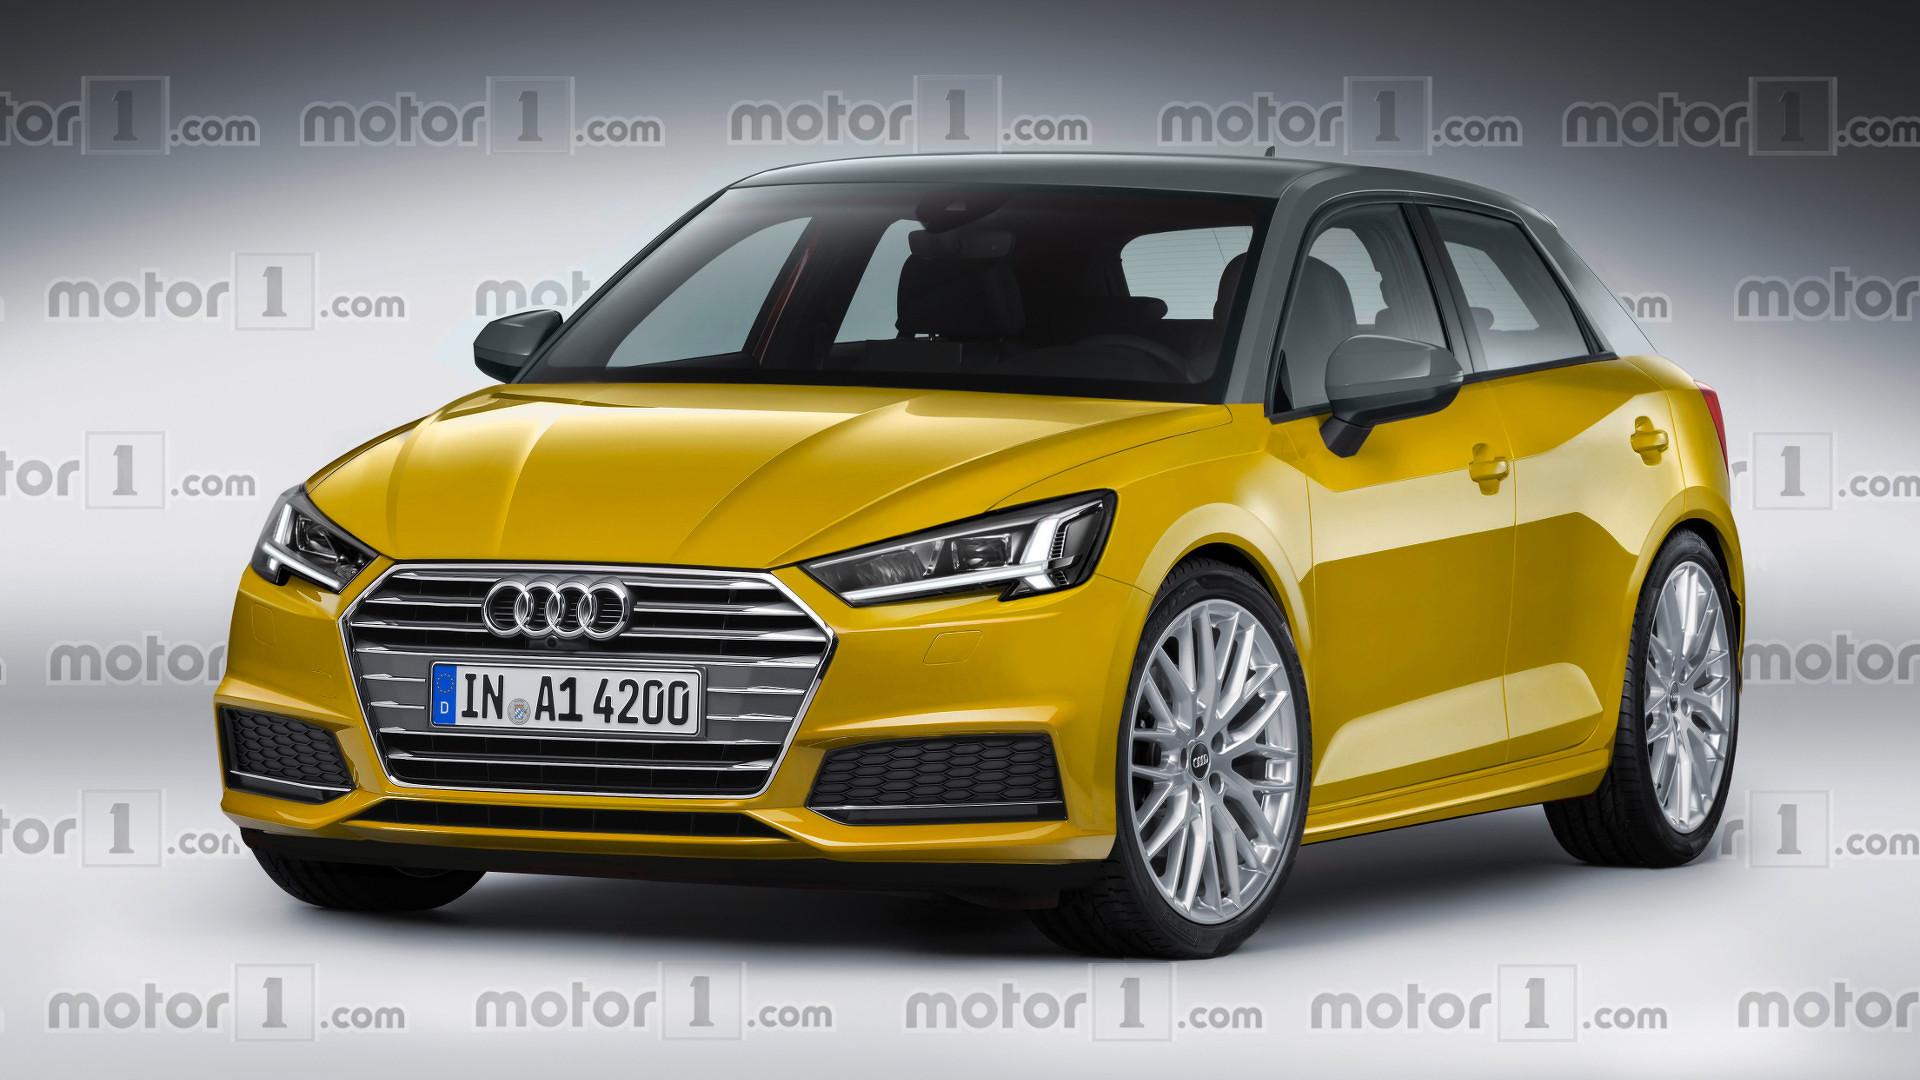 192 Quoi Pourrait Ressembler La Future Audi A1